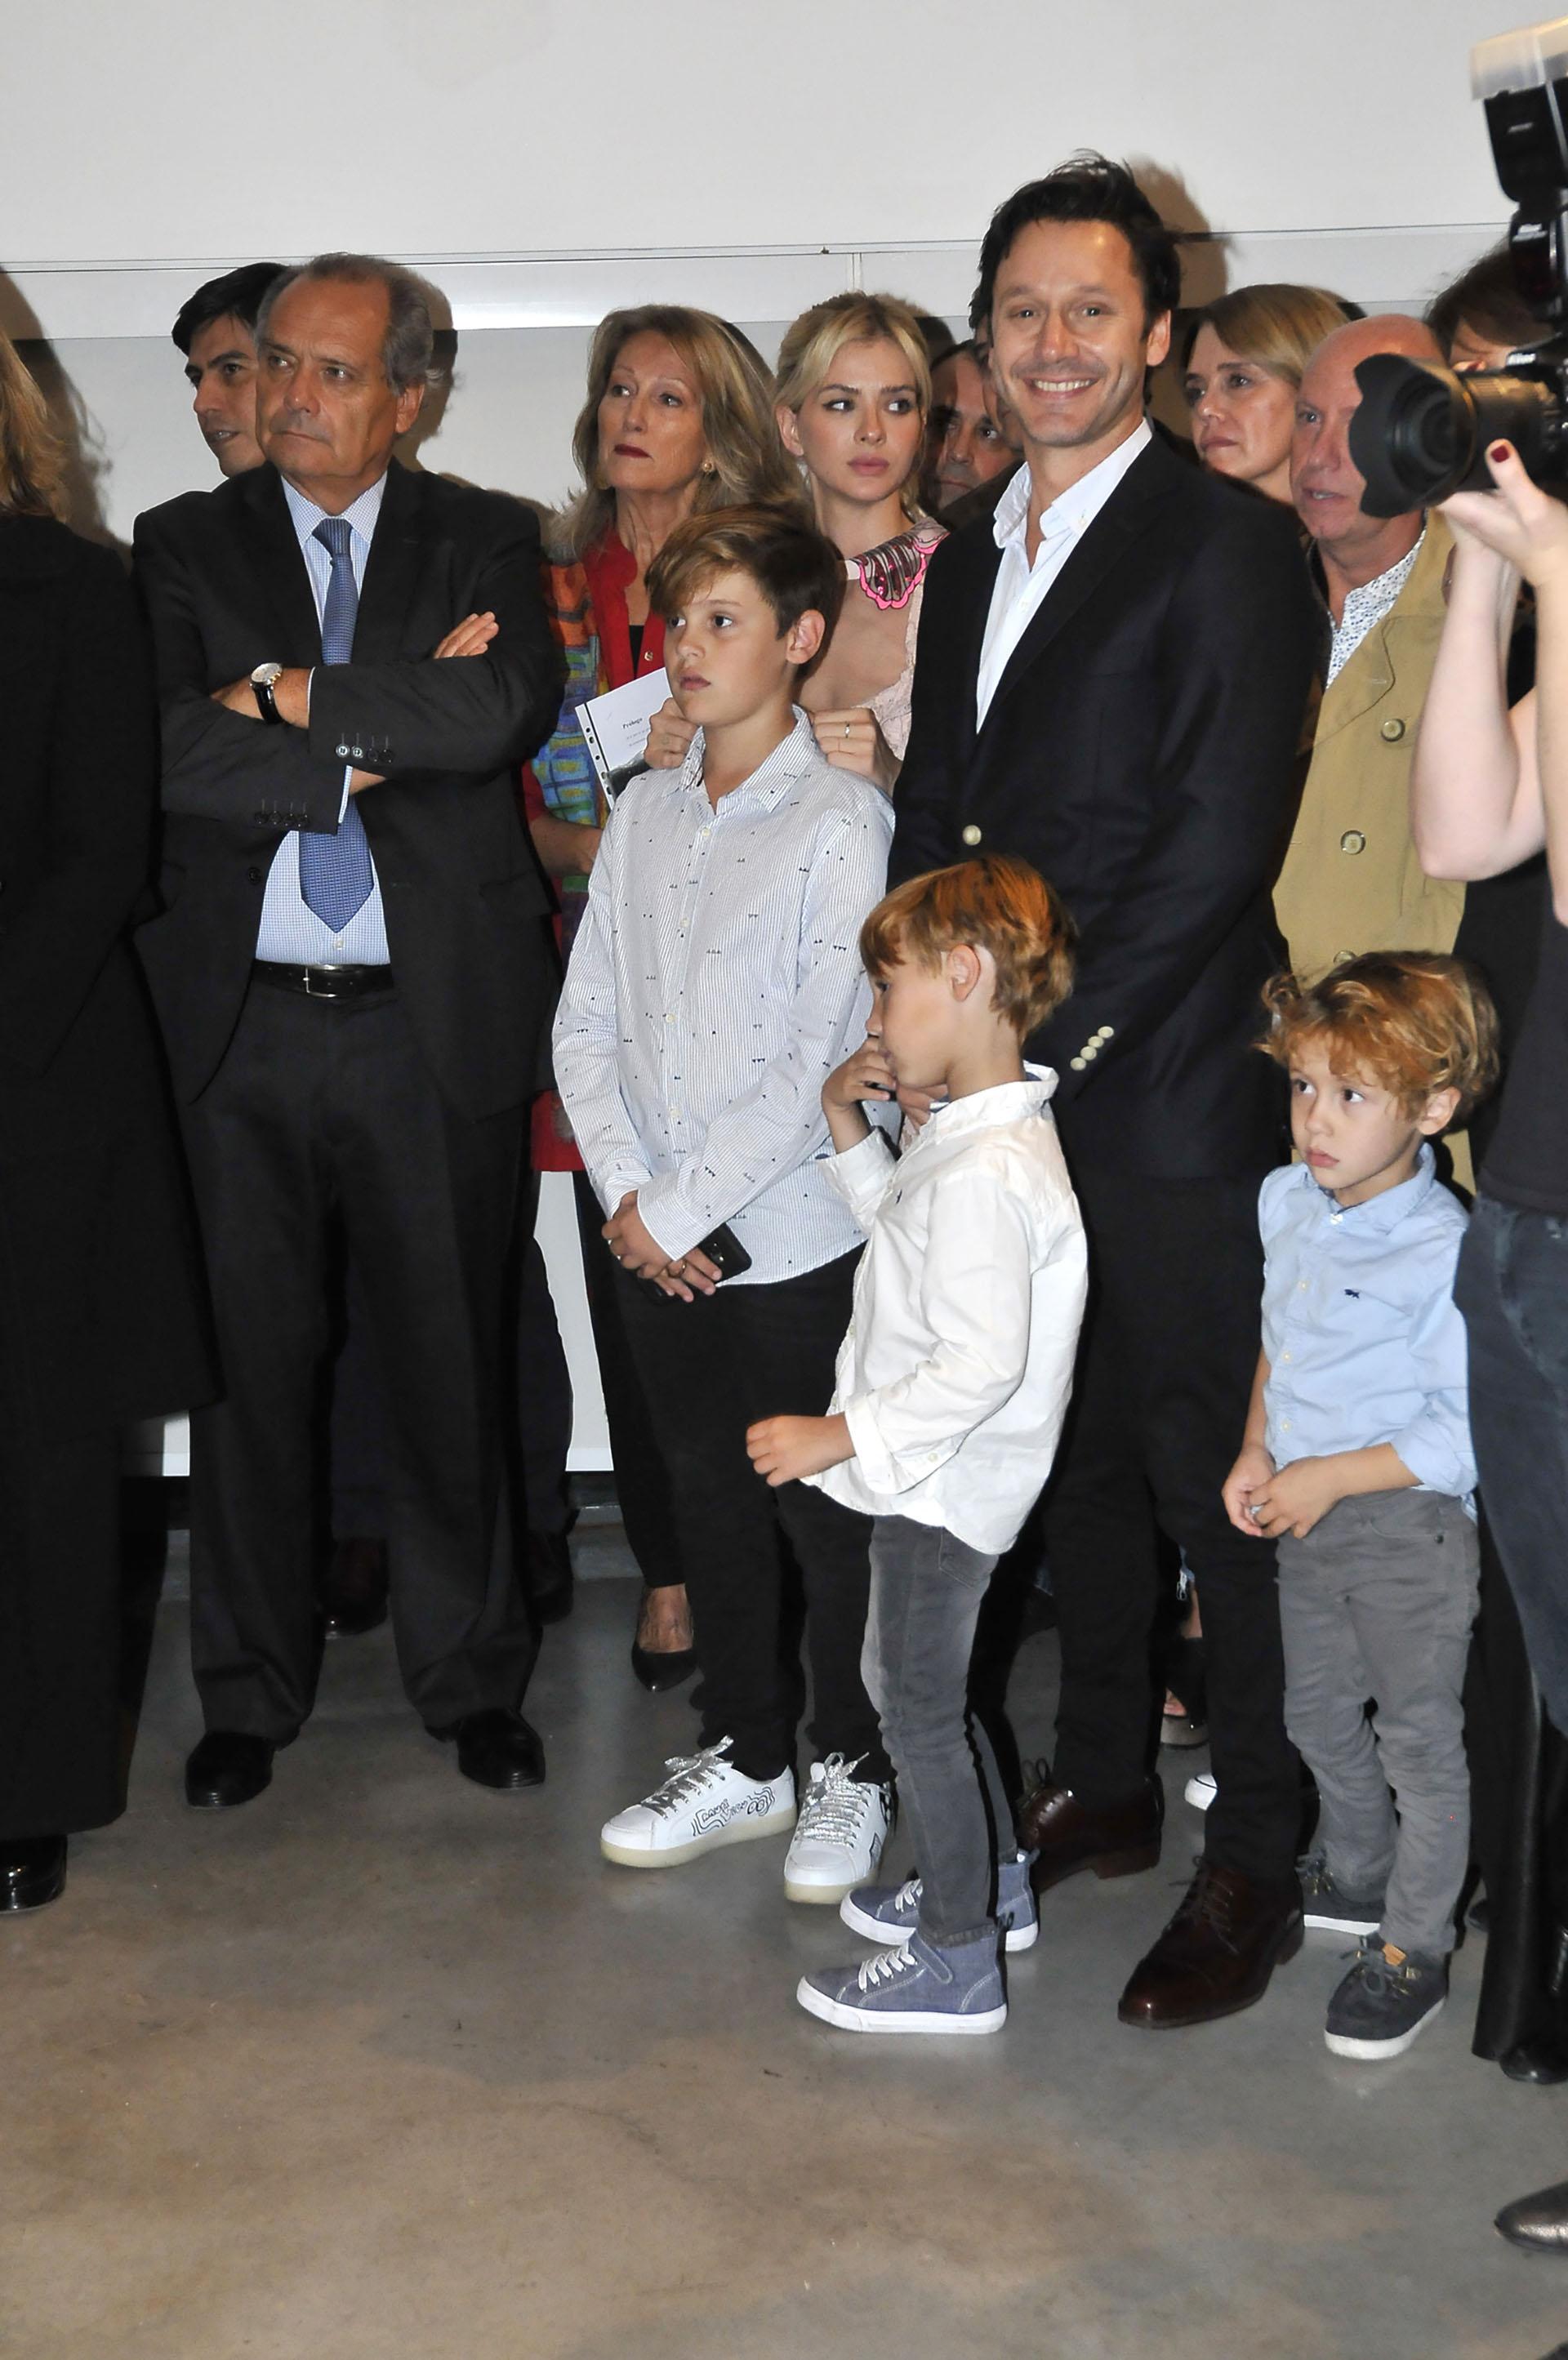 Benjamín Vicuña estuvo acompañado por sus hijos Bautista, Beltrán, Benicio y la pequeña Magnolia en brazos de La China Suárez